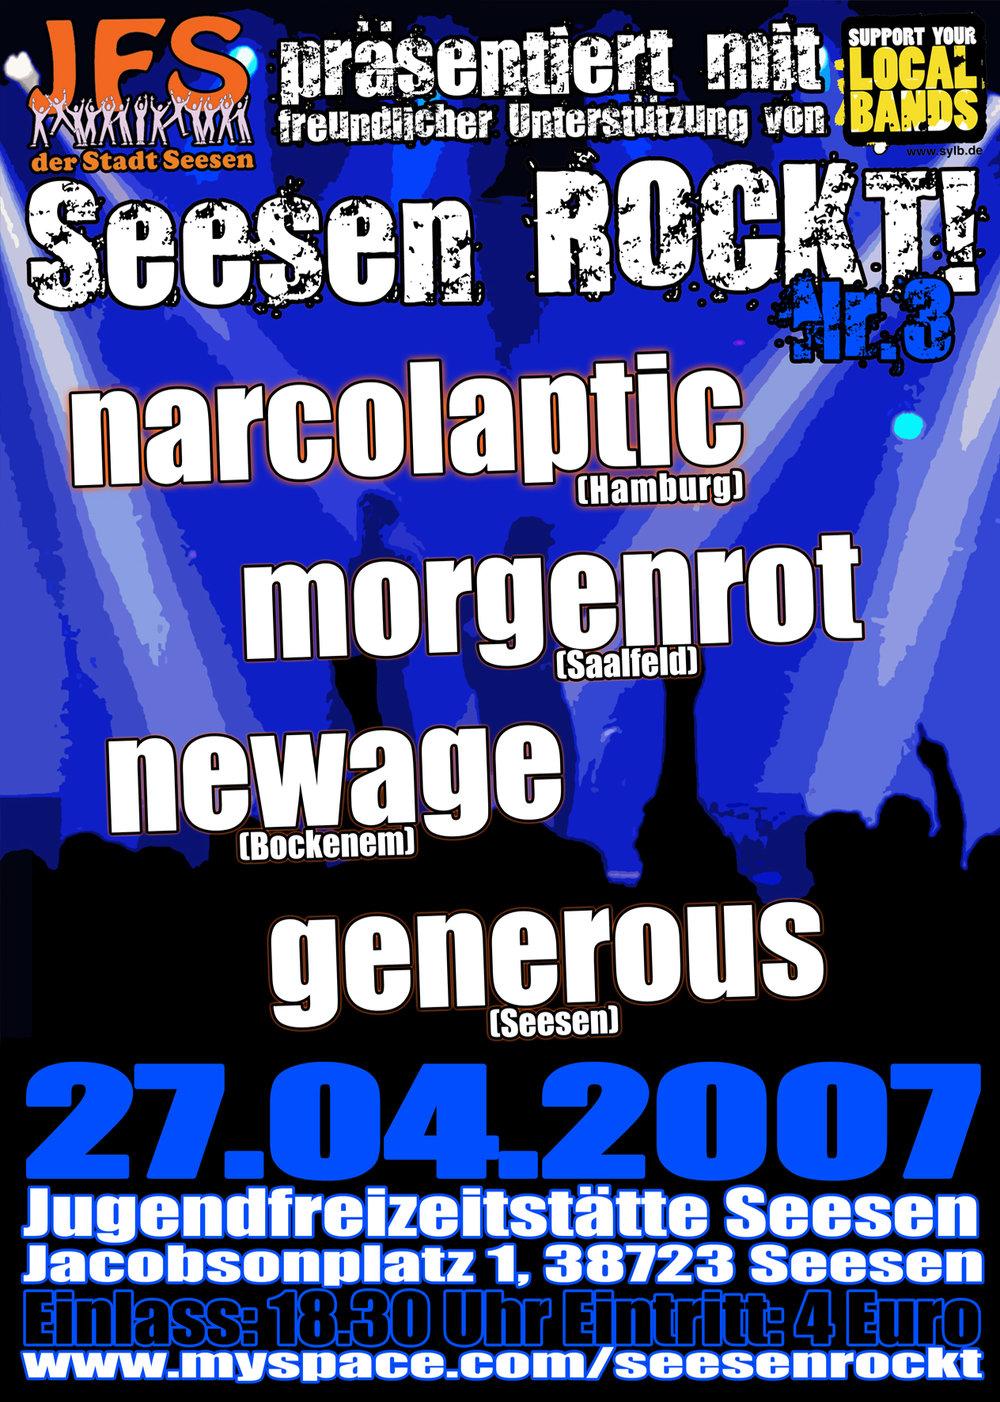 Seesen_Rockt_3_flyer_front.jpg